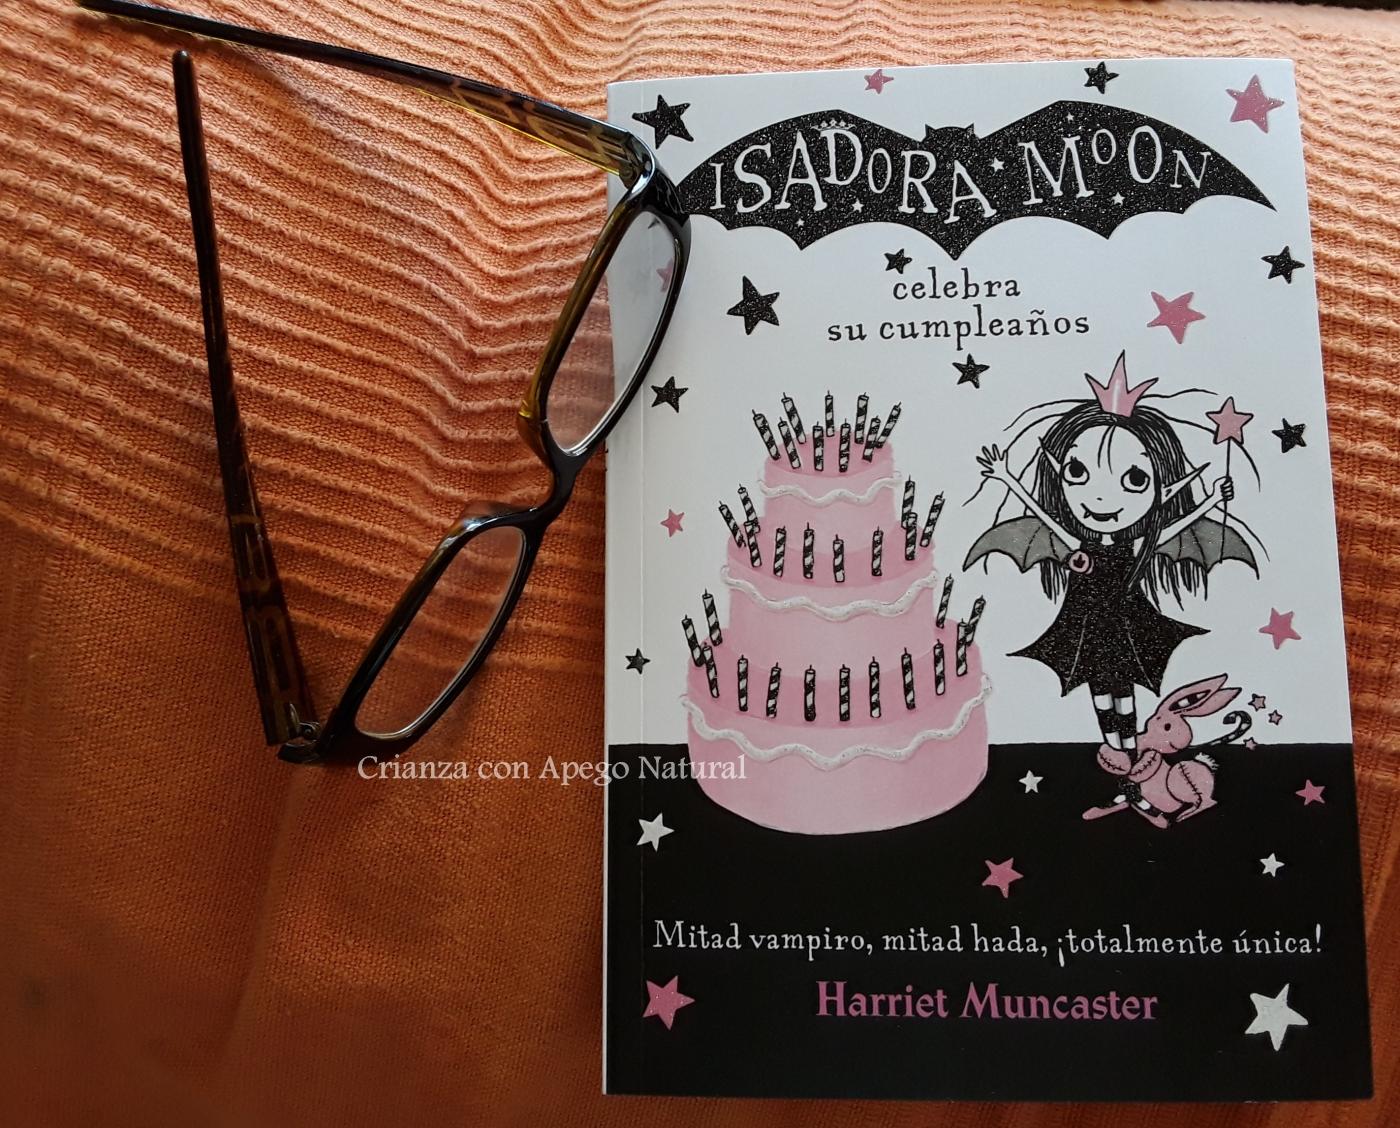 Libro infantil: Isadora Moon celebra su cumpleaños